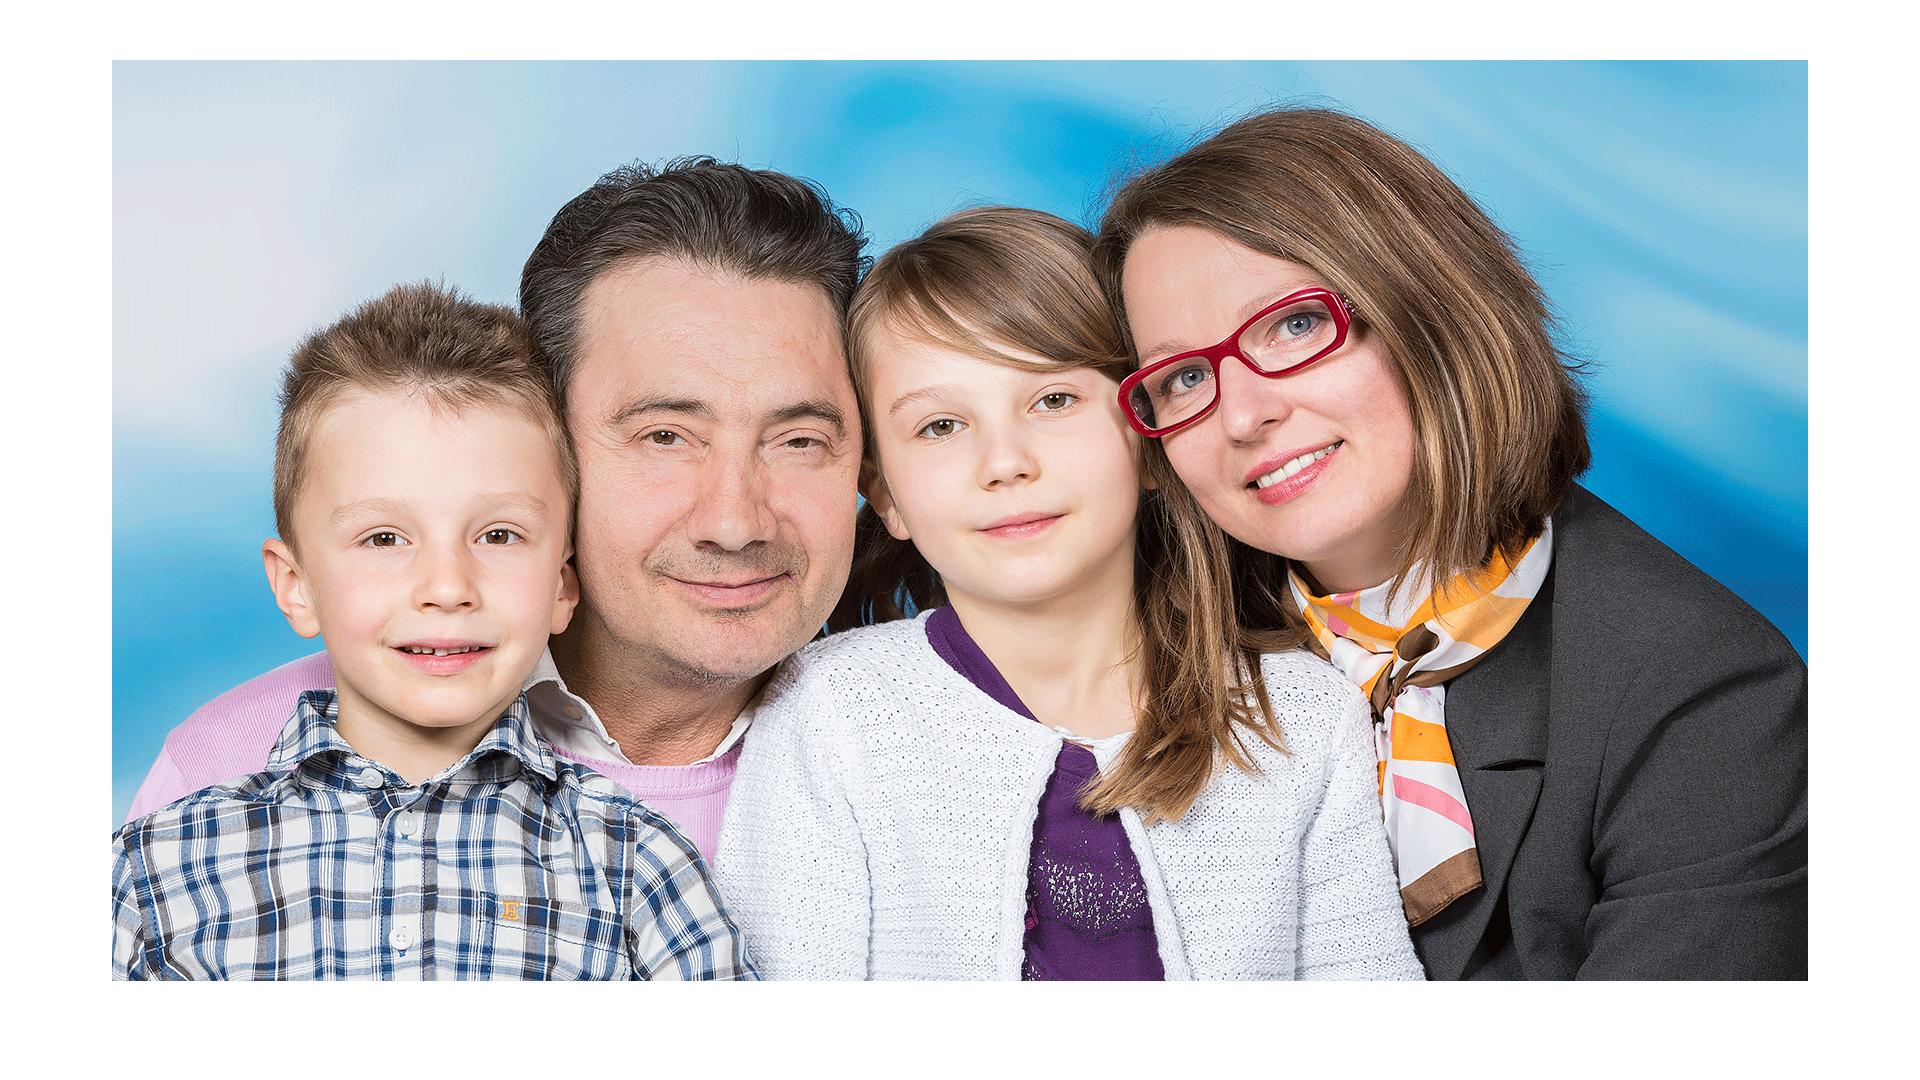 Fotostudio München Fotograf für Familienfotos